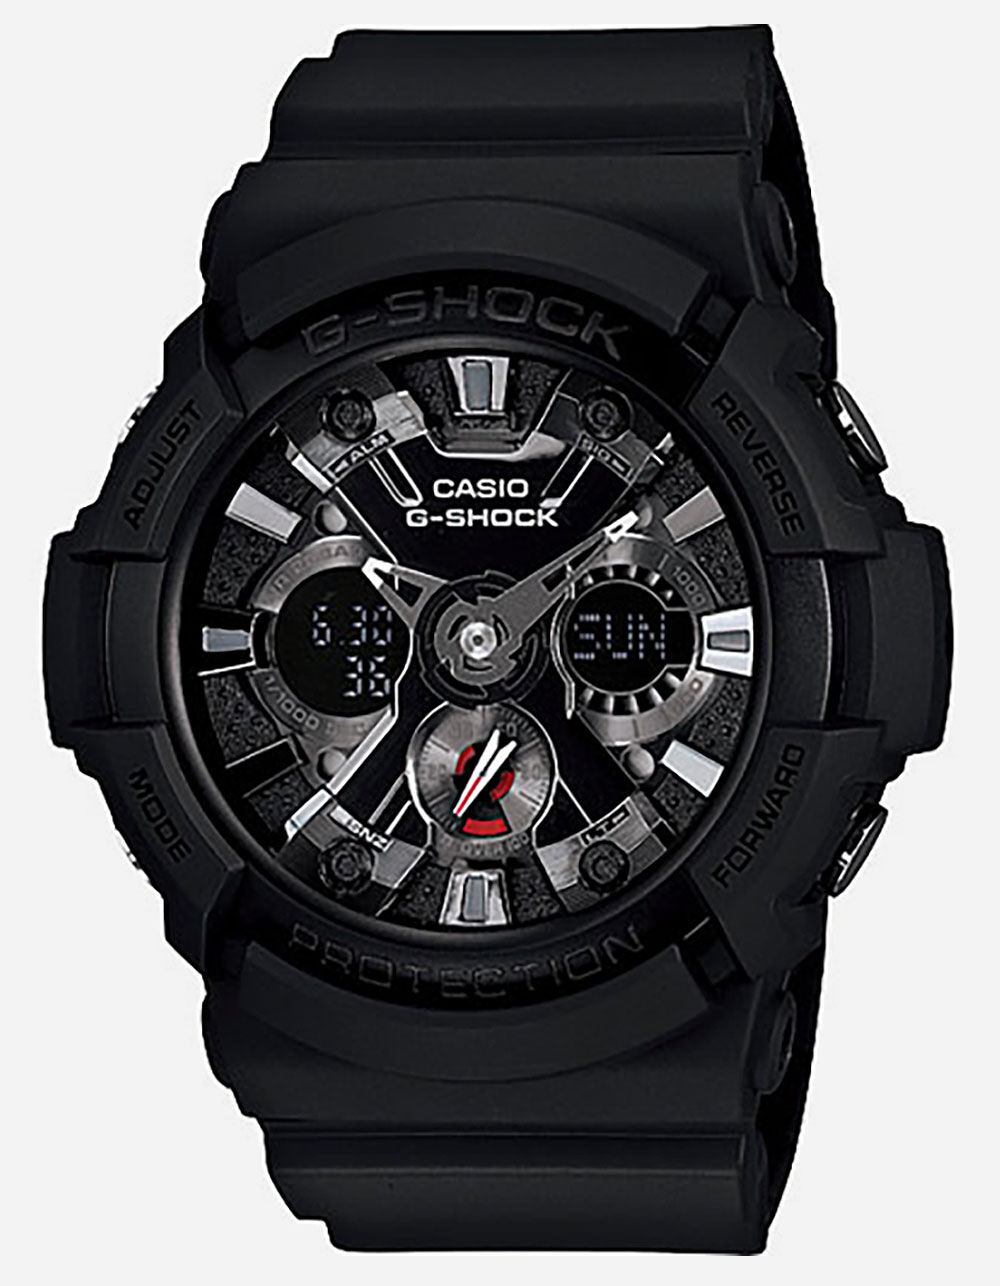 G-SHOCK GA-201 Watch